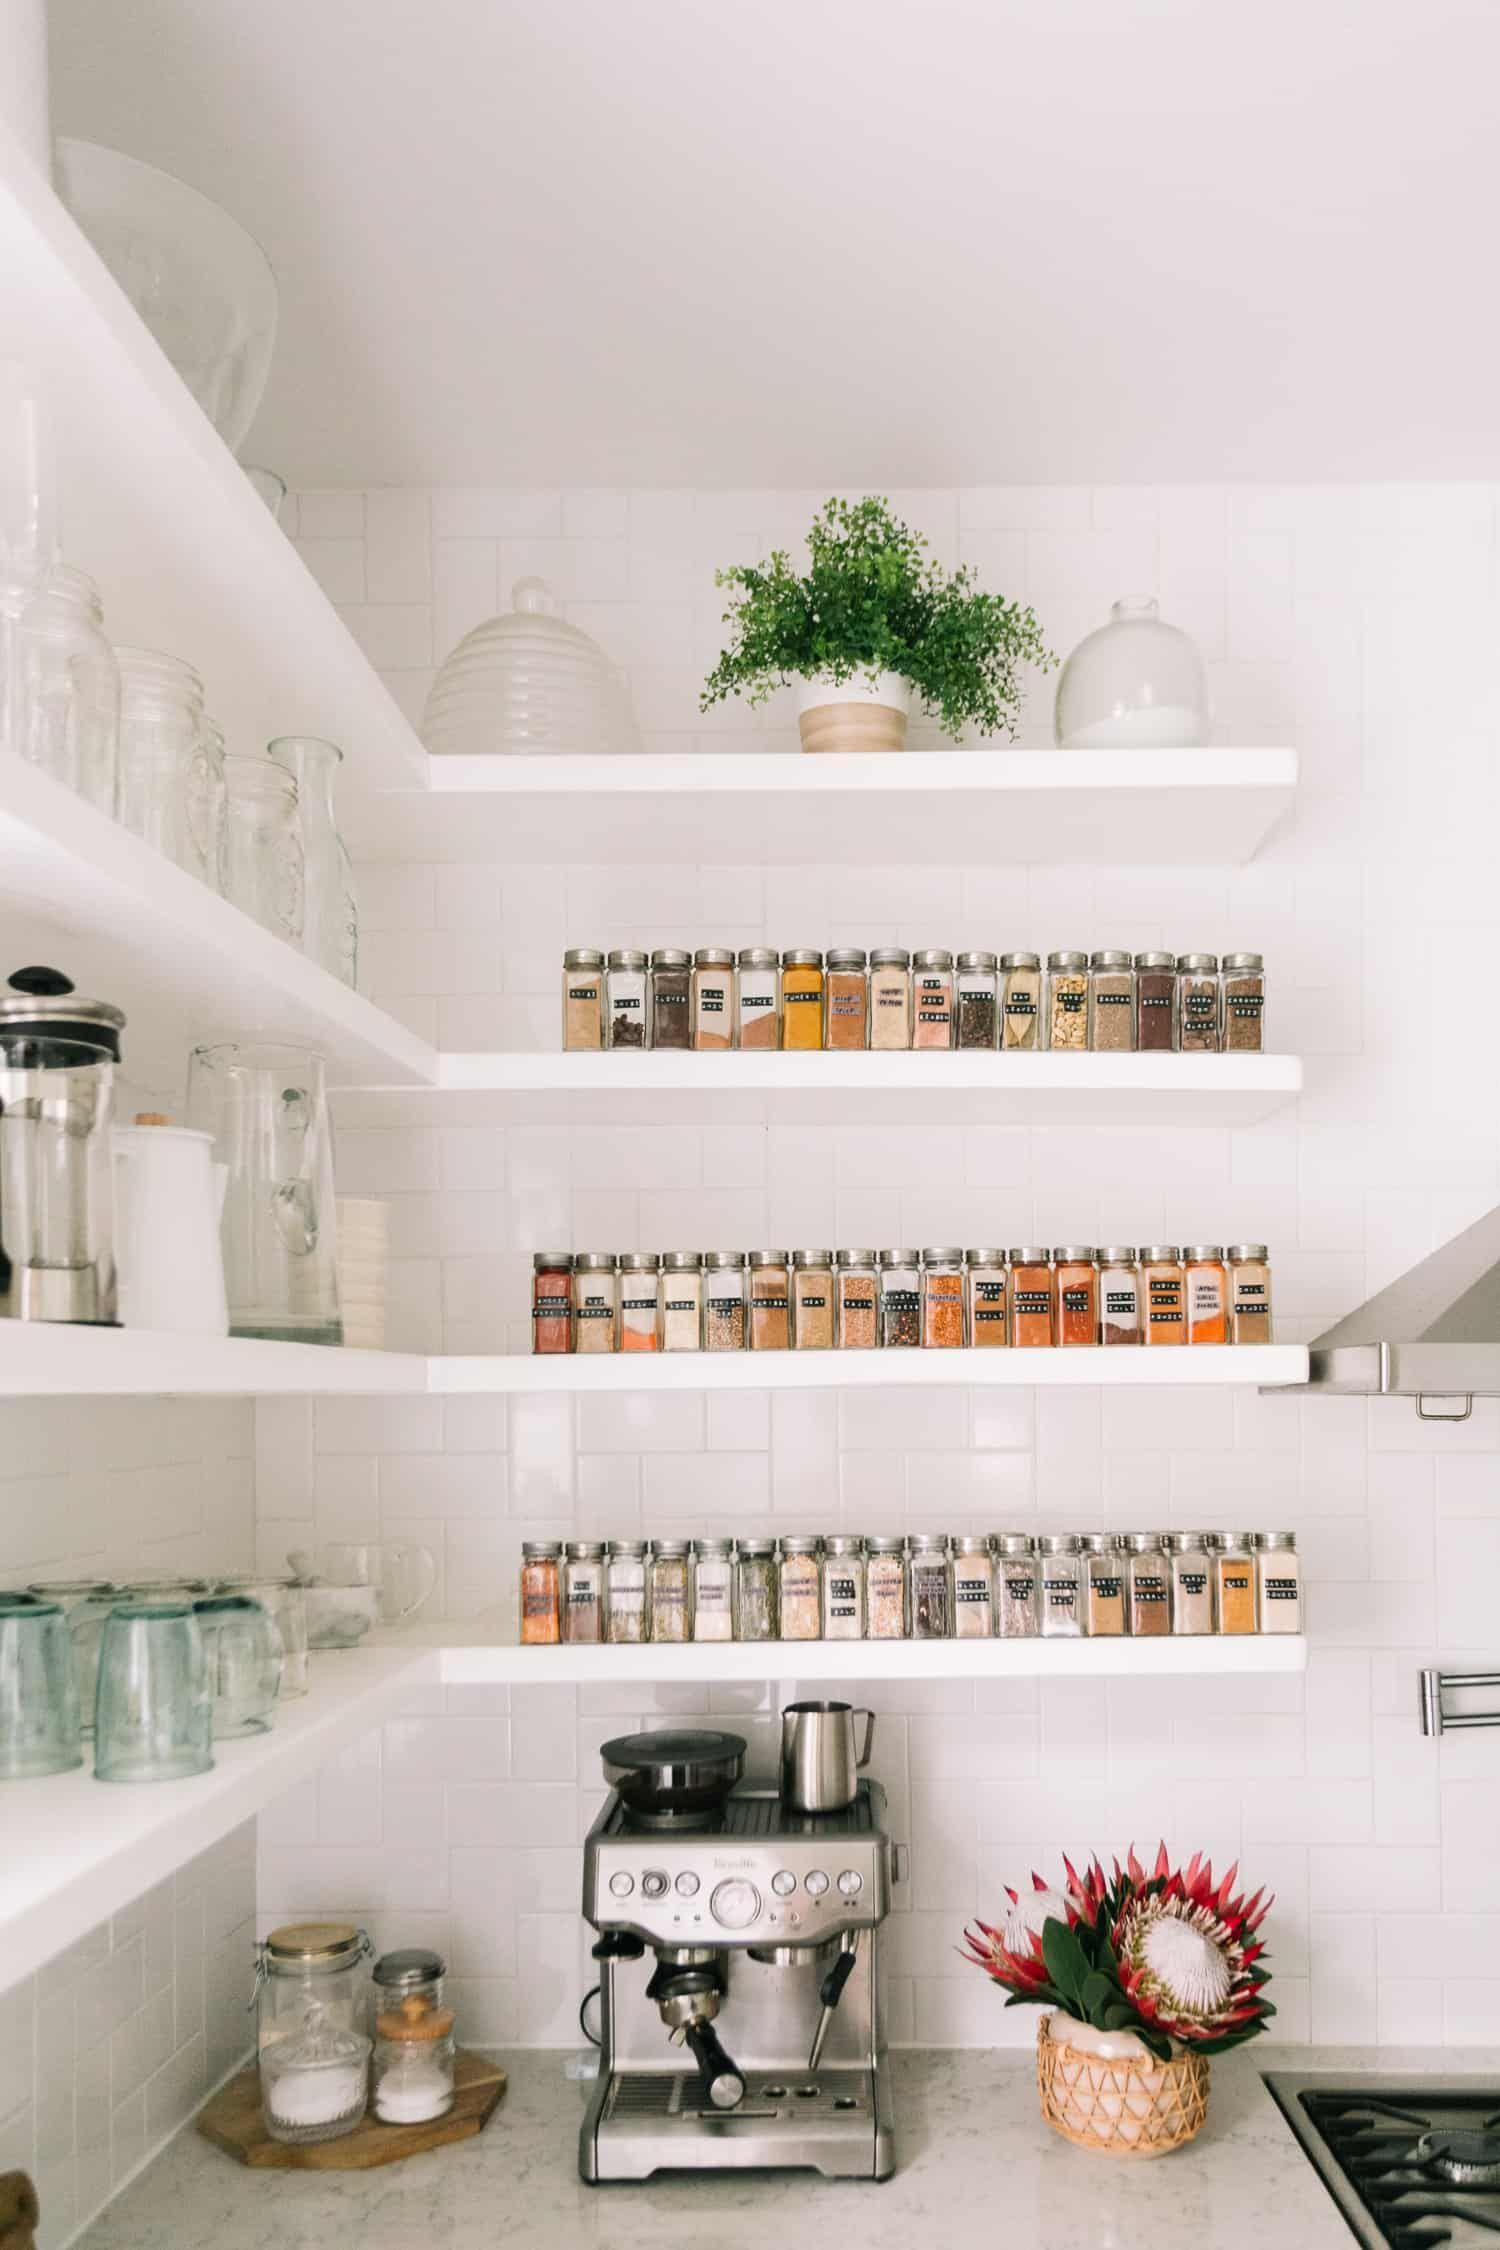 spice collection organization the home edit kitchen design interior design kitchen on kitchen decor organization id=67523